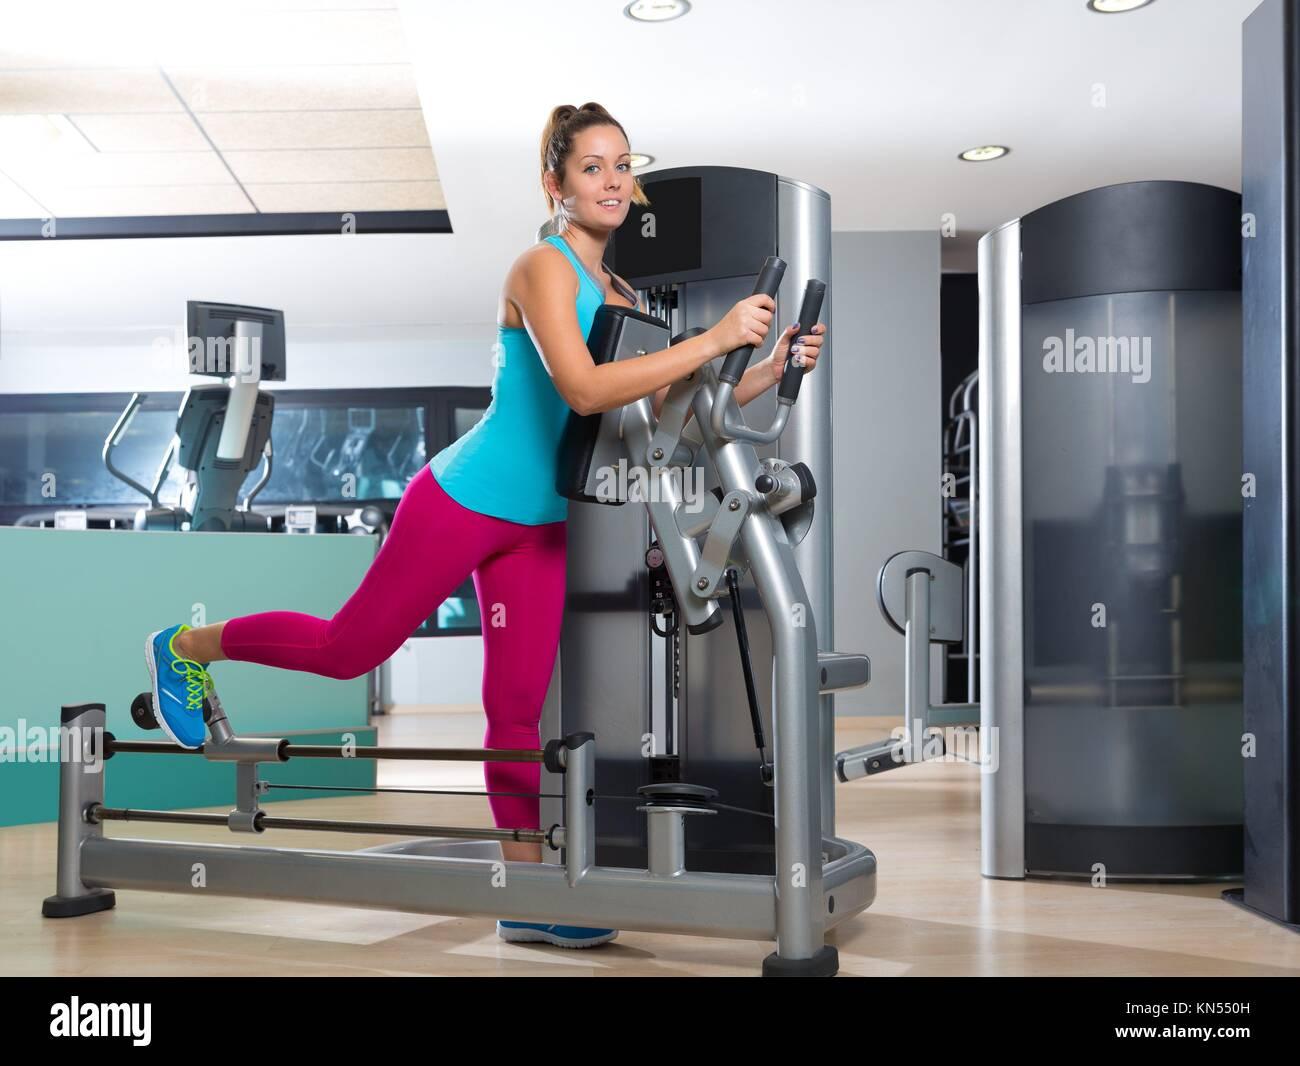 Gimnasio glute máquina de ejercicio mujer entrenamiento indoor. Imagen De Stock